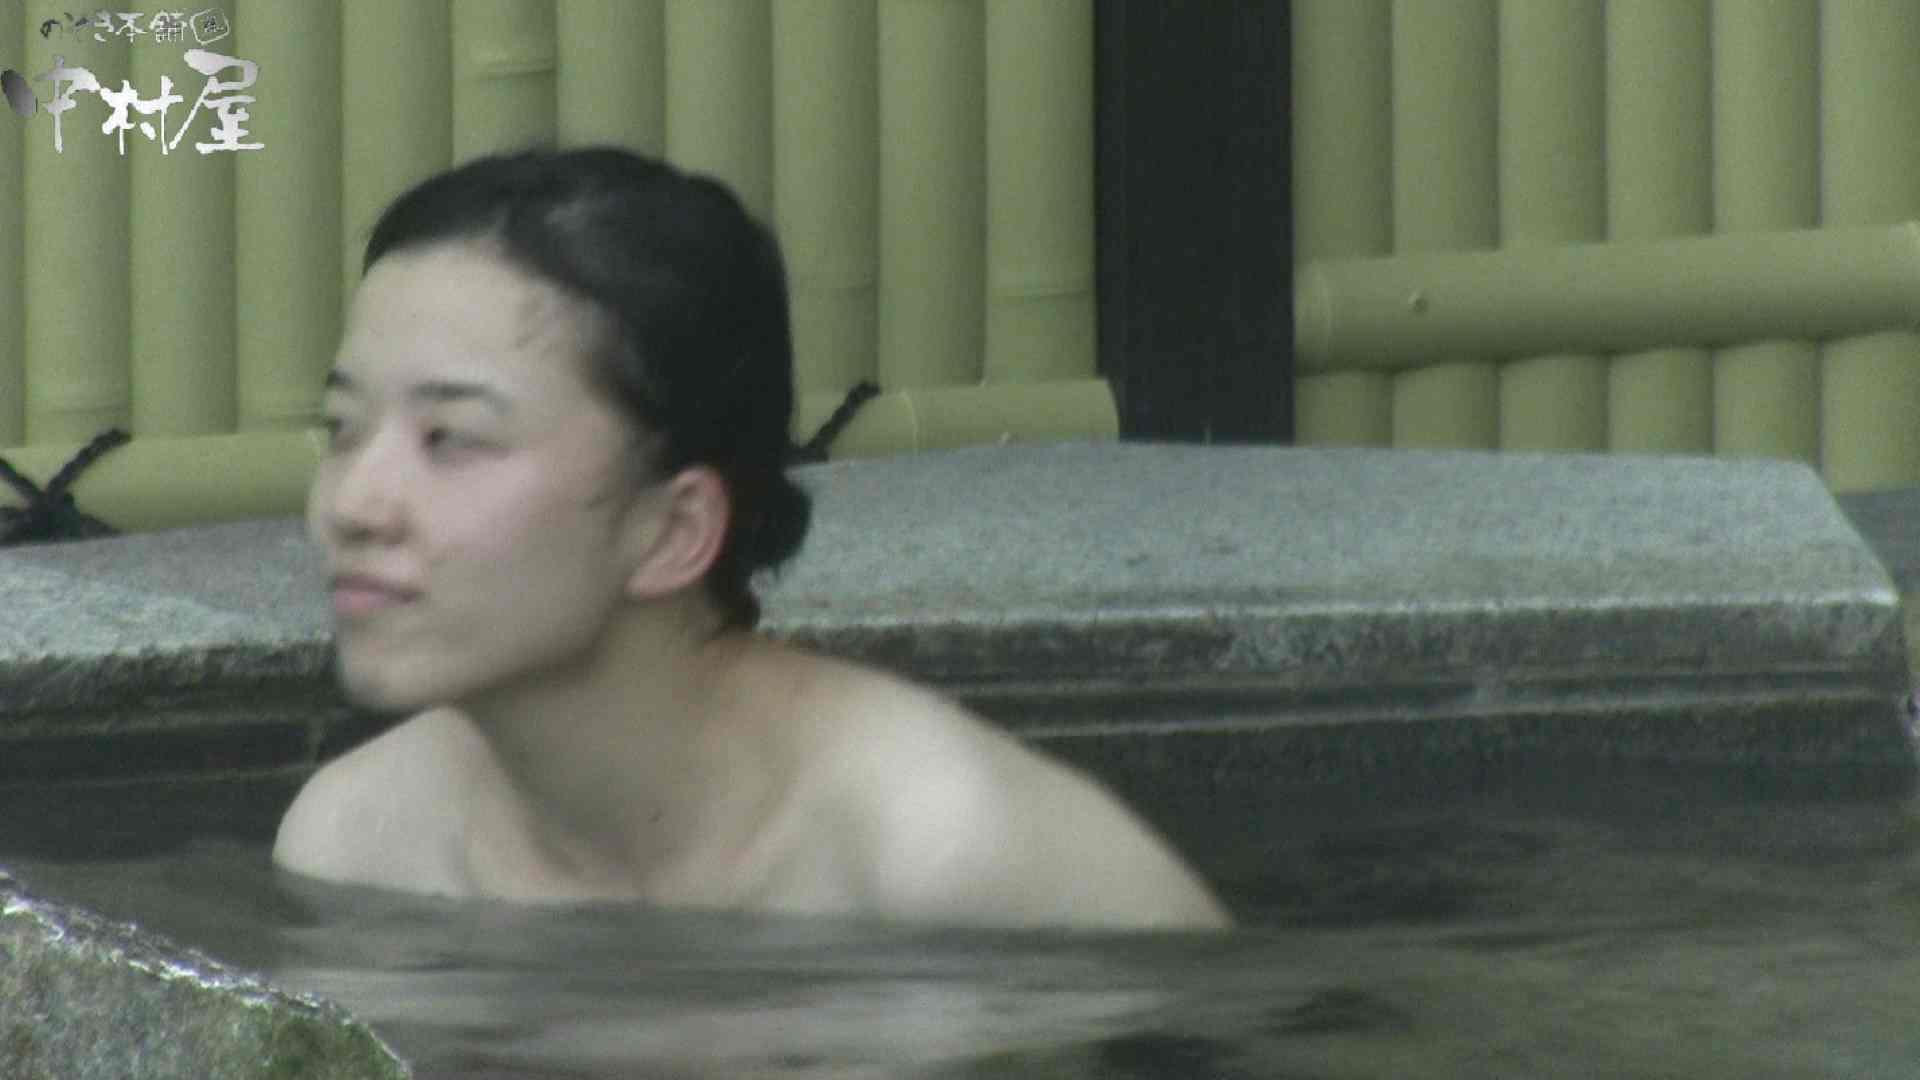 Aquaな露天風呂Vol.908 露天   盗撮  81pic 10